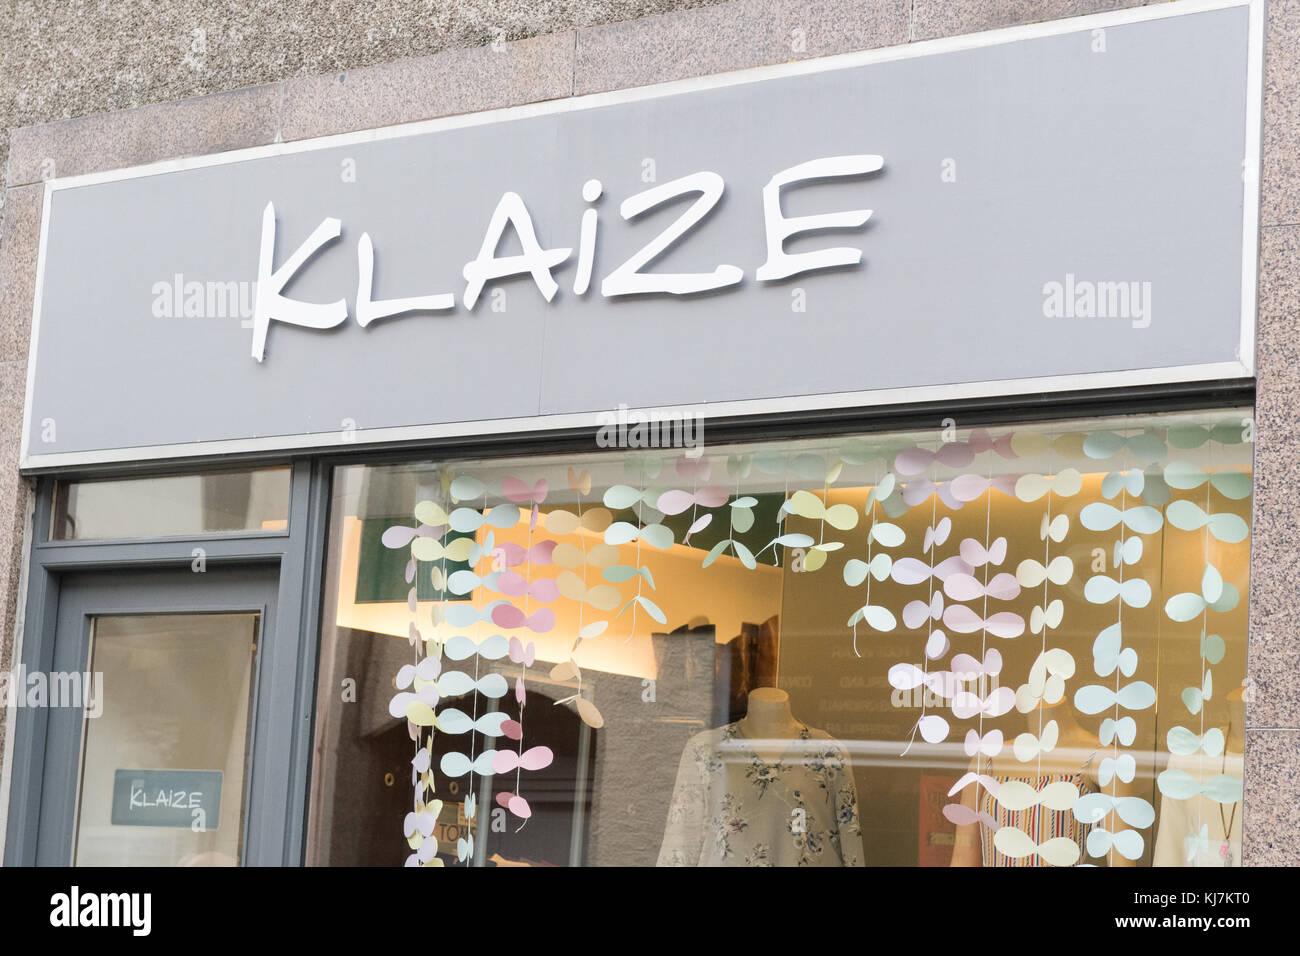 Klaize negozio di abbigliamento, Kirkwall, isole Orcadi Scozia, Regno Unito Immagini Stock